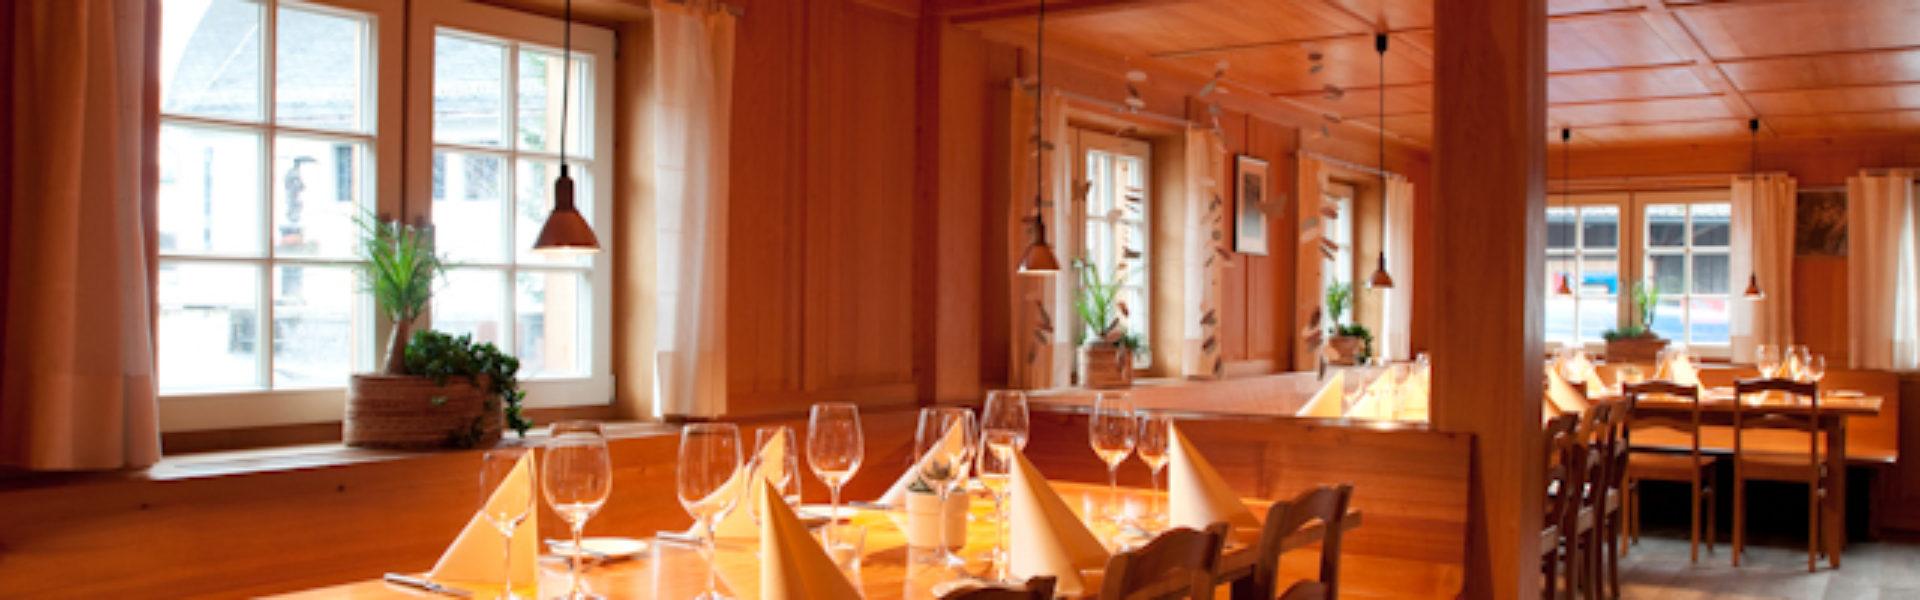 Restaurant Schiffle, Mühlebach, Dornbirn (c) Restaurant Schiffle